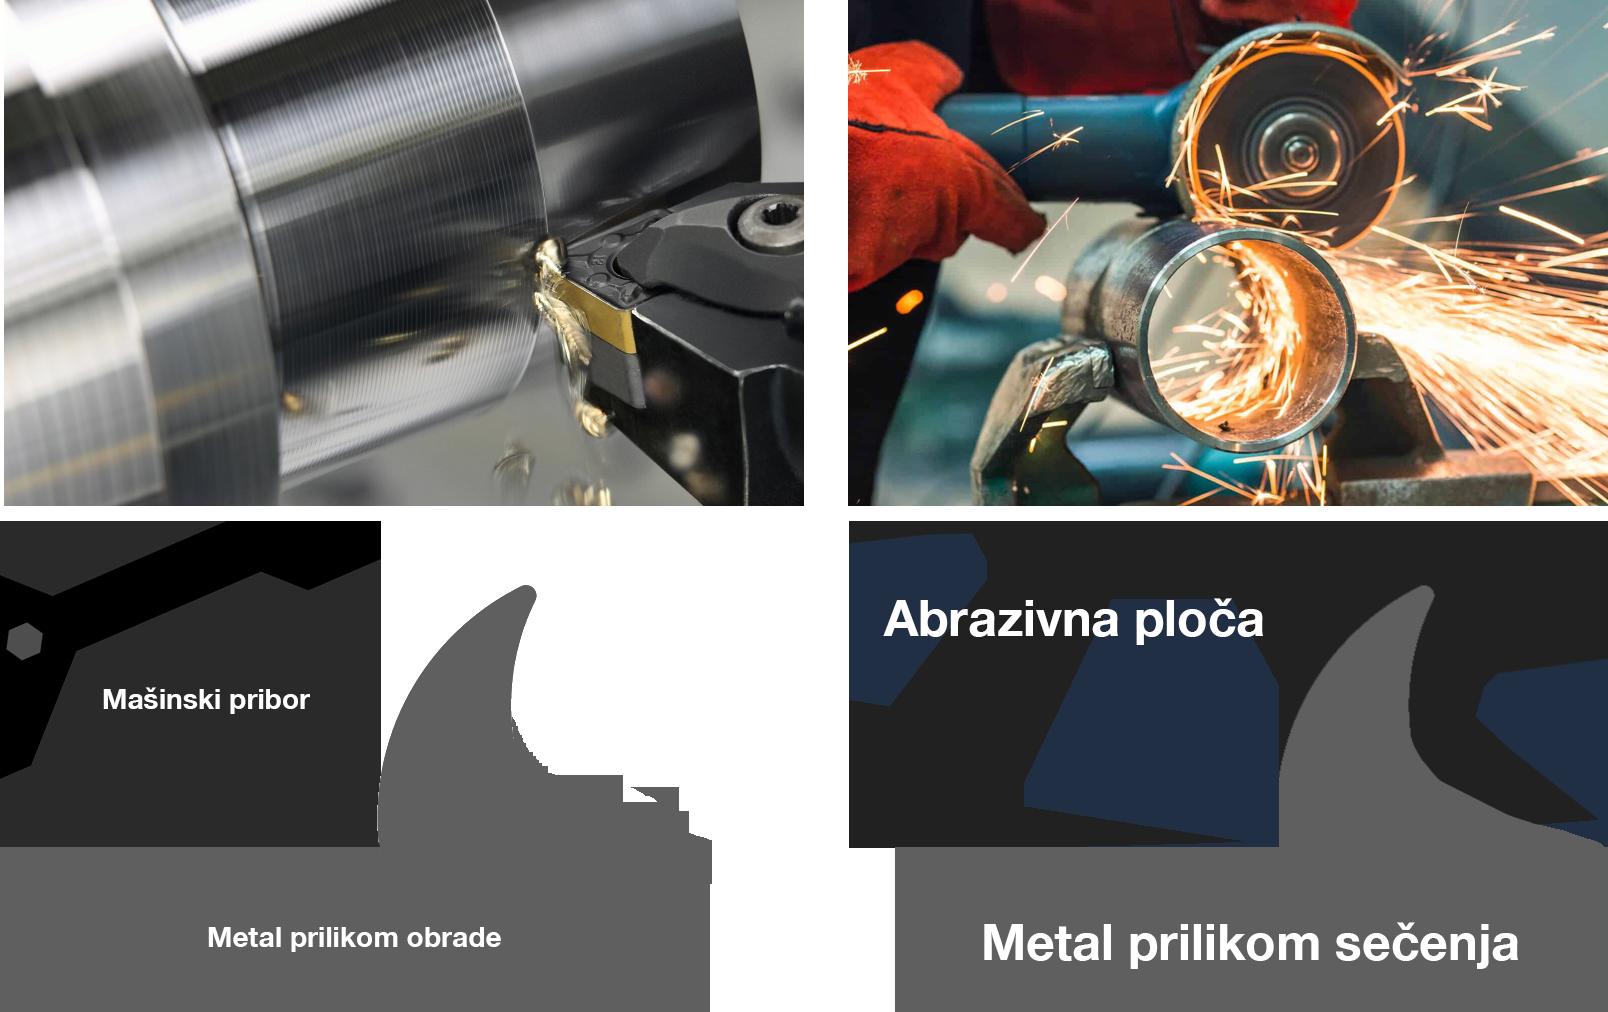 slika-1-vrste-obrade-materijala-masinsko-abrazivo